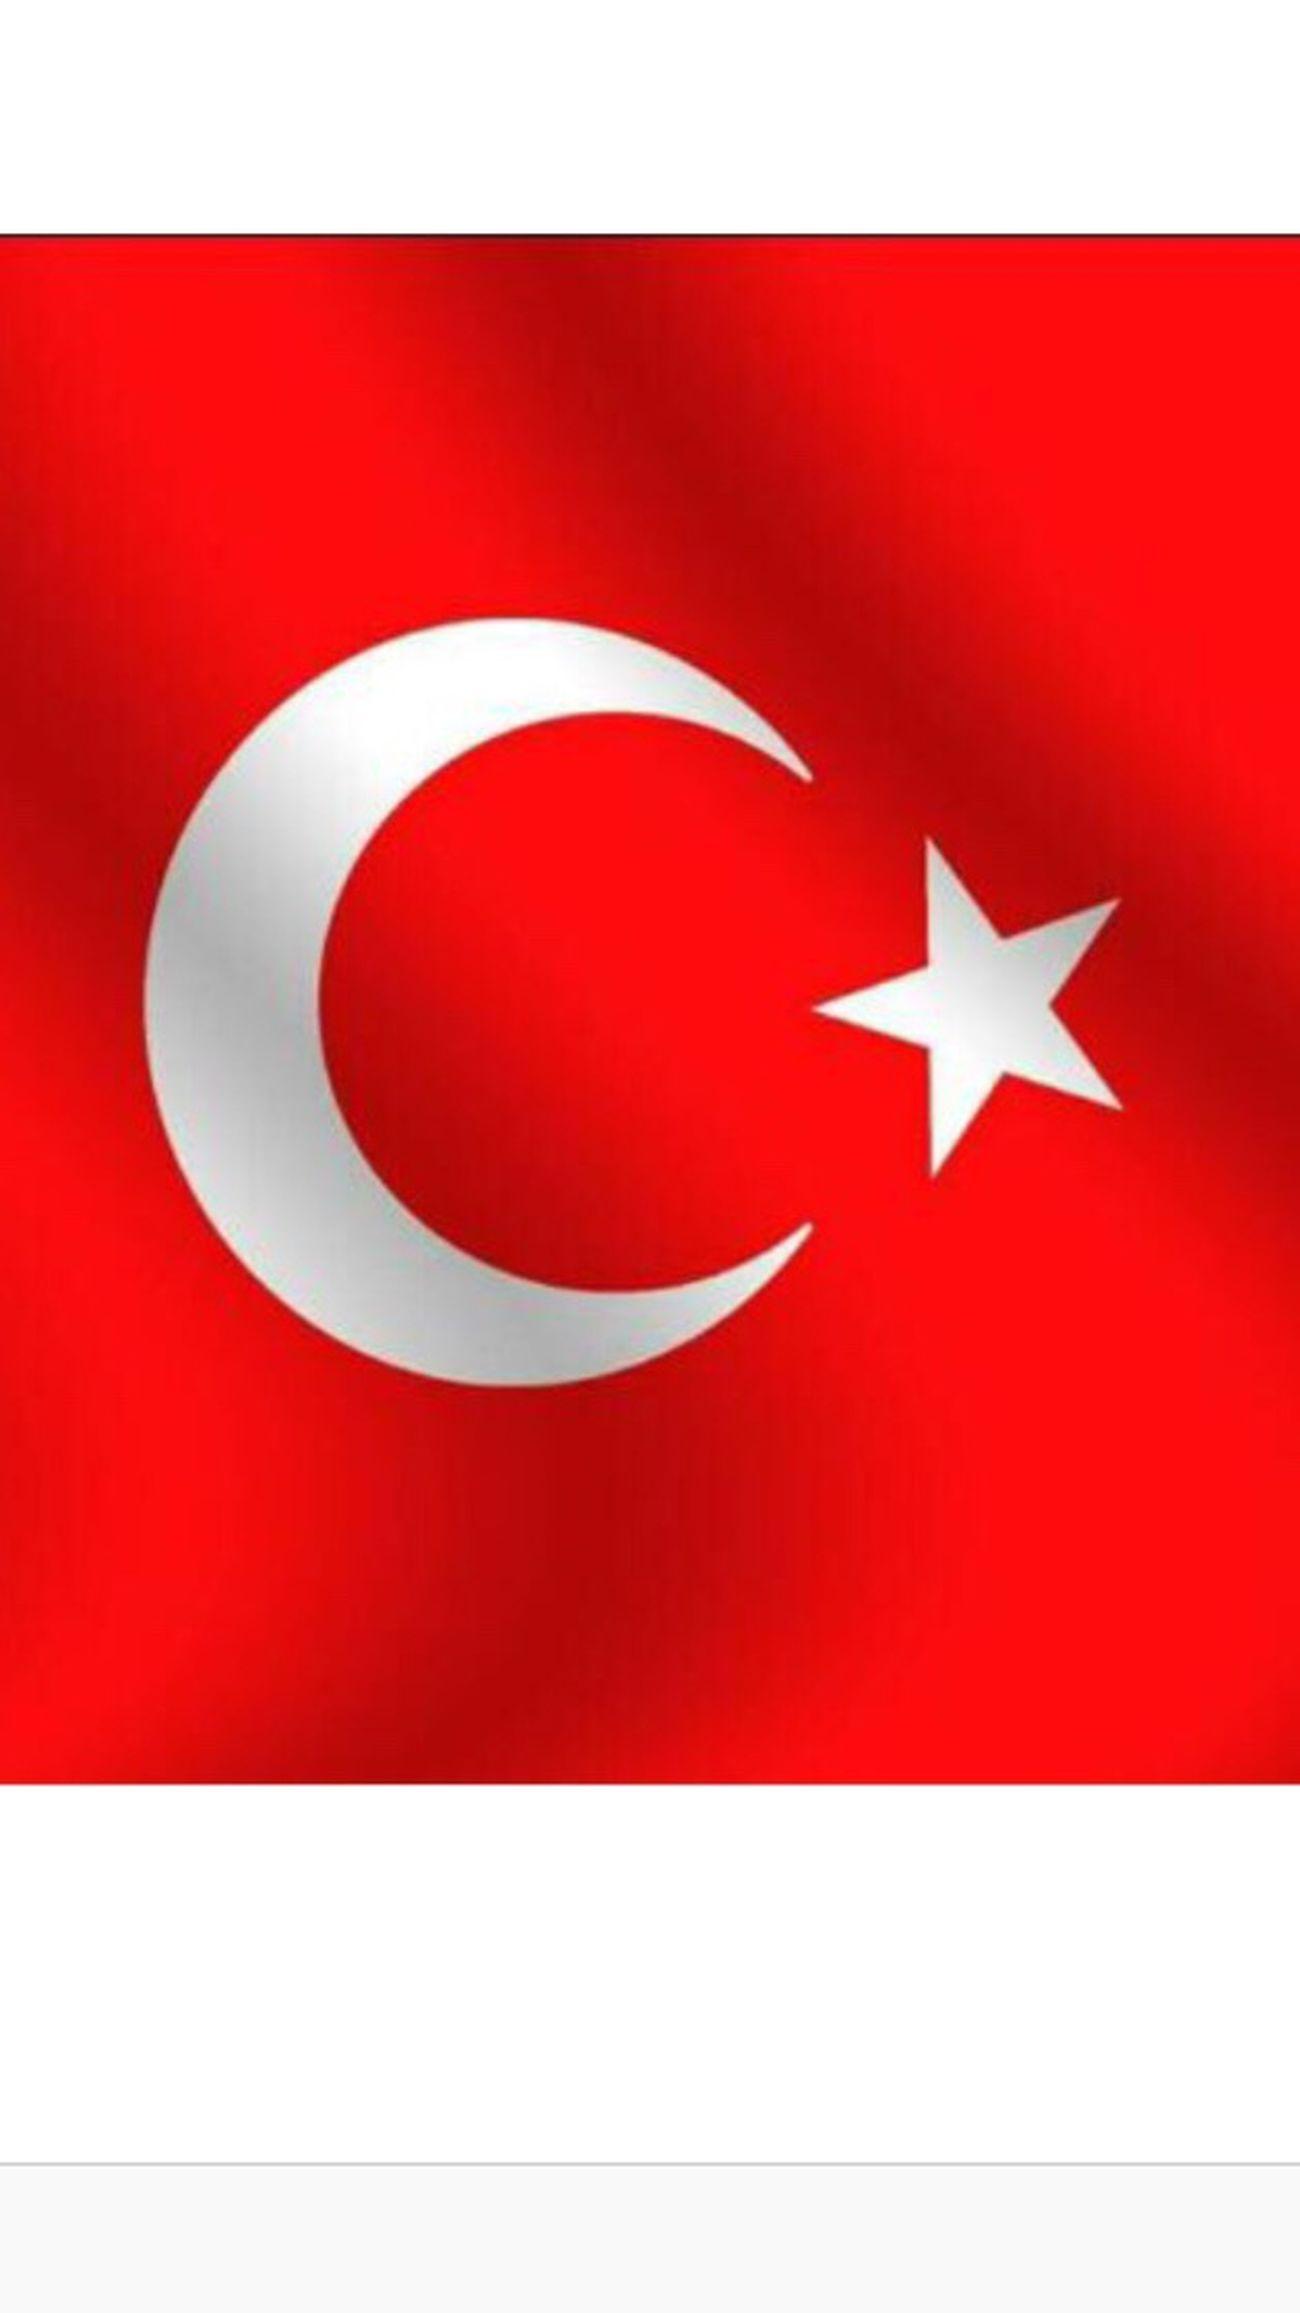 Hepbirlikte ellele TÜRKİYEM 🌹 💞 birlik ve beraberliğe Içimizdeki Savaşa Son Verilsin